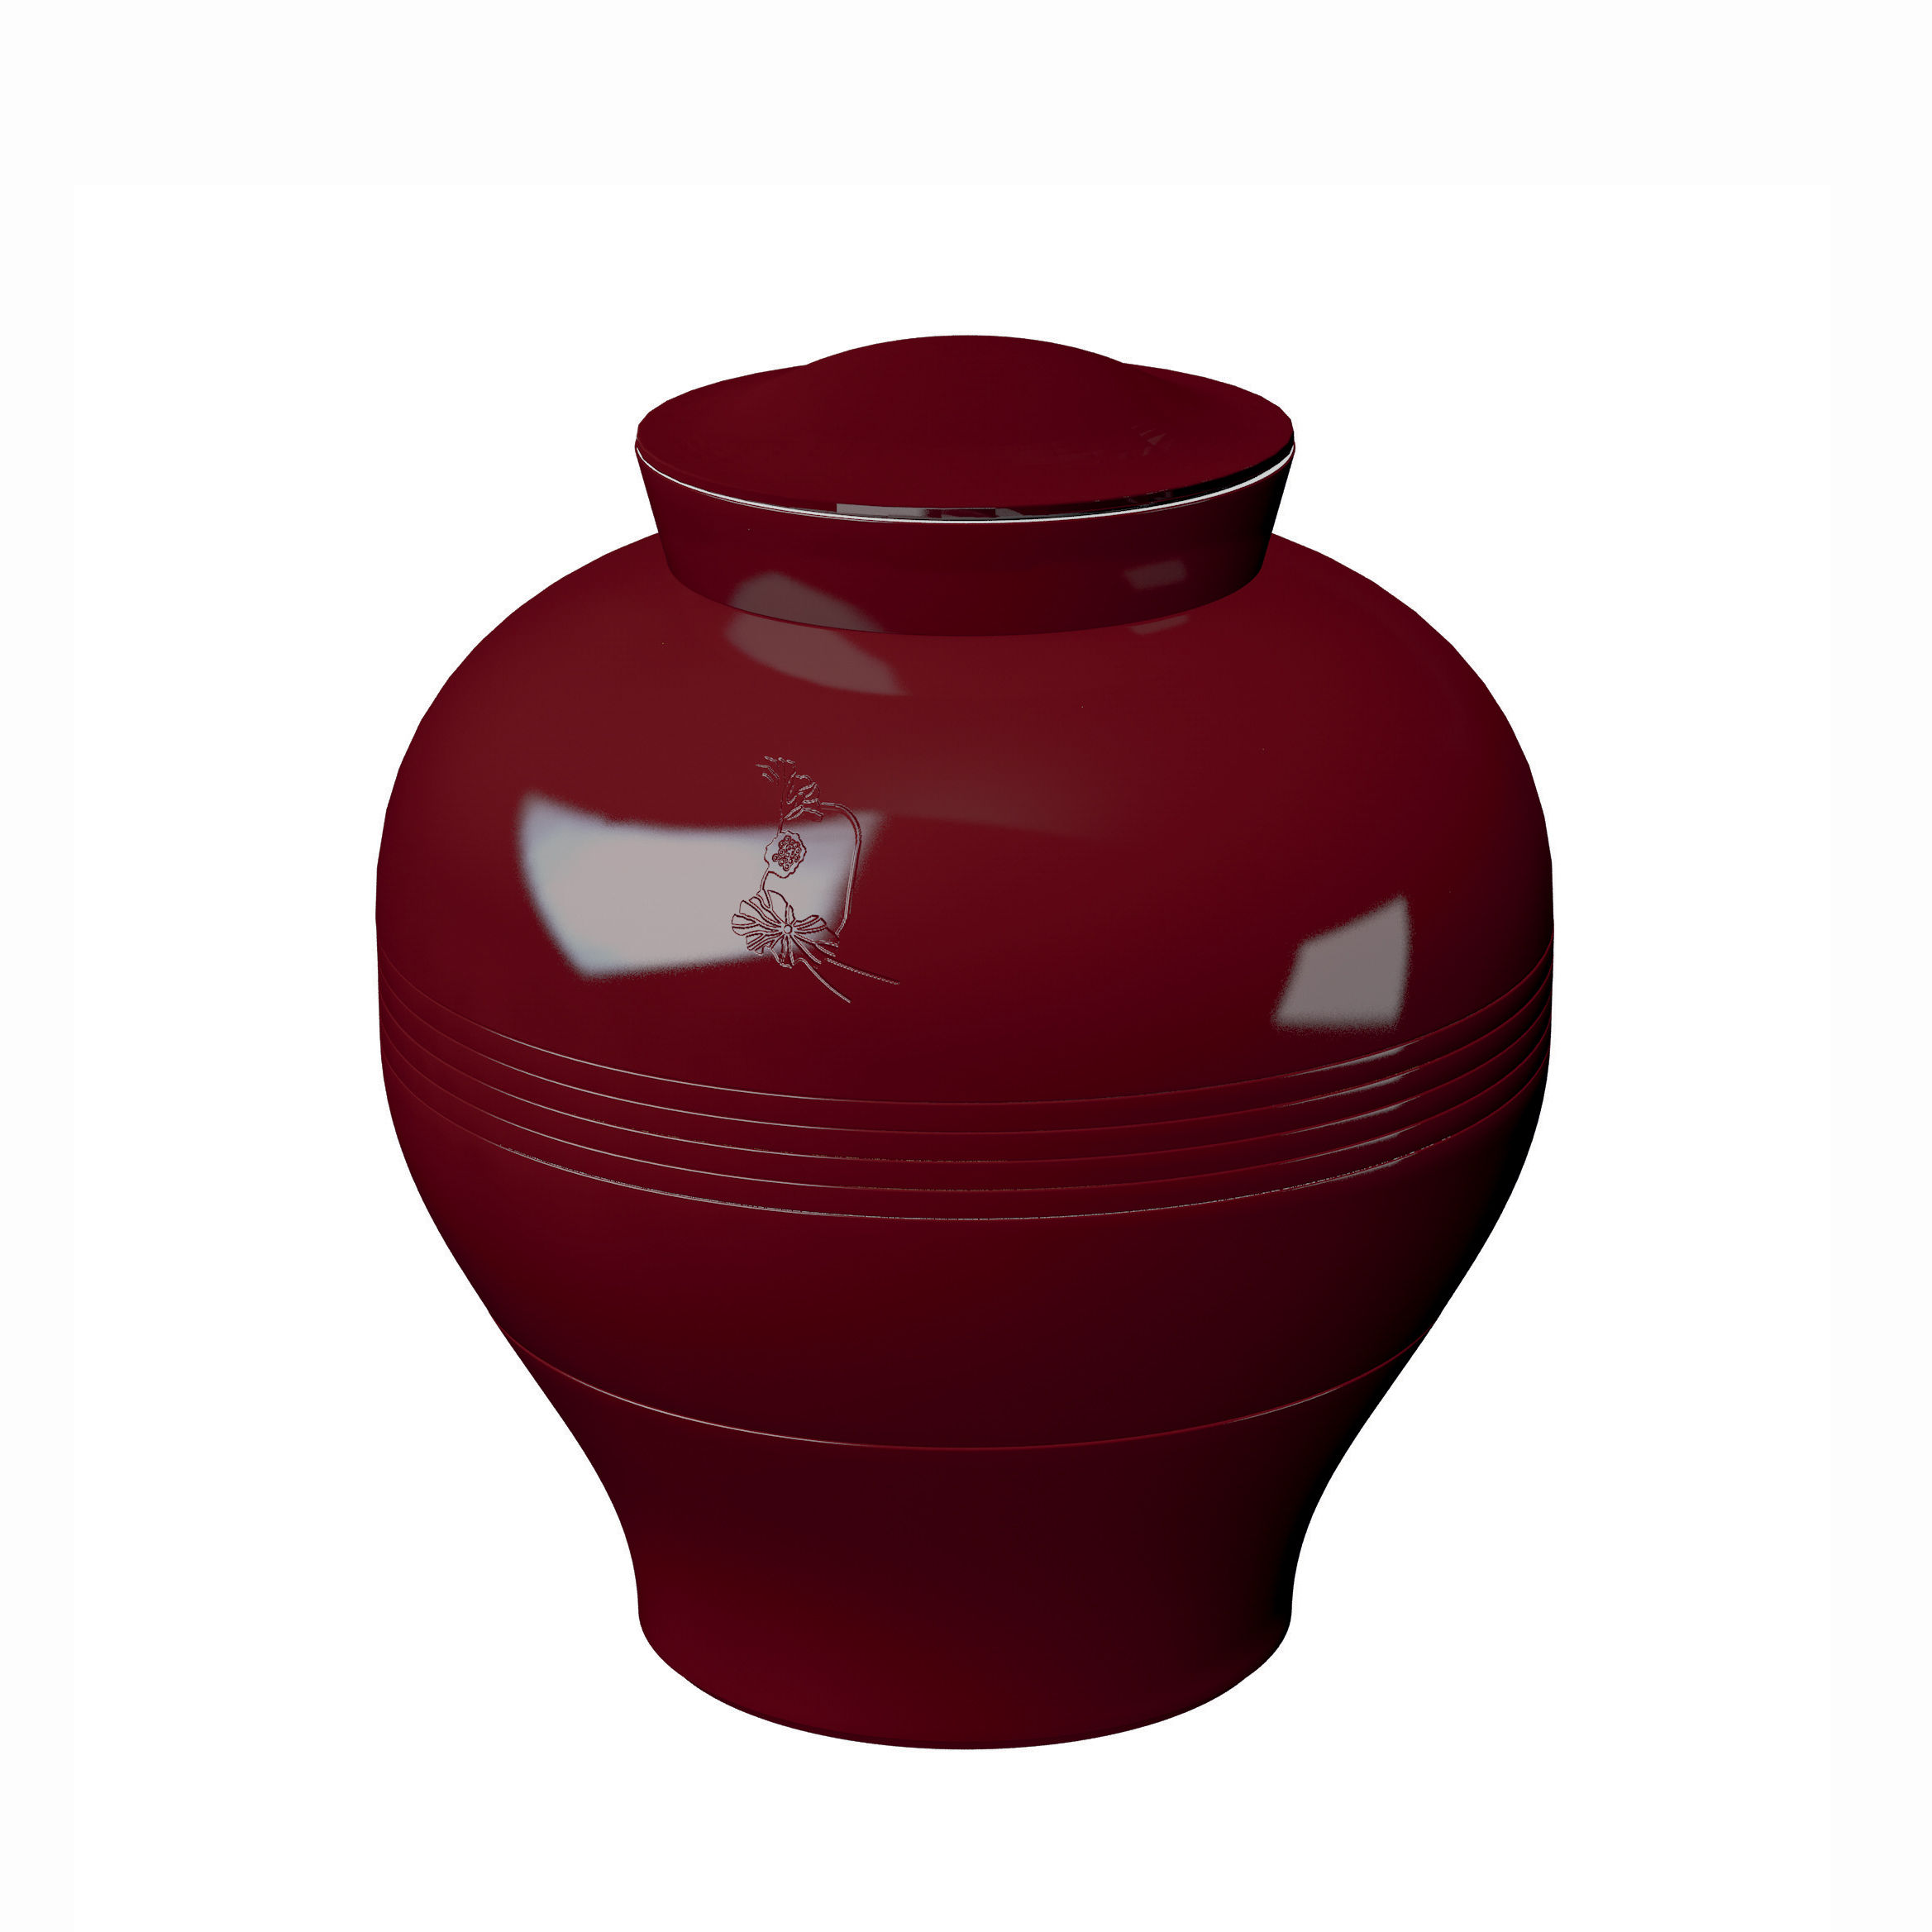 Arts de la table - Assiettes - Service de table Yuan Eden / 8 pièces empilables - Ibride - Pourpre/ Motifs multicolores (Eden) - Mélamine